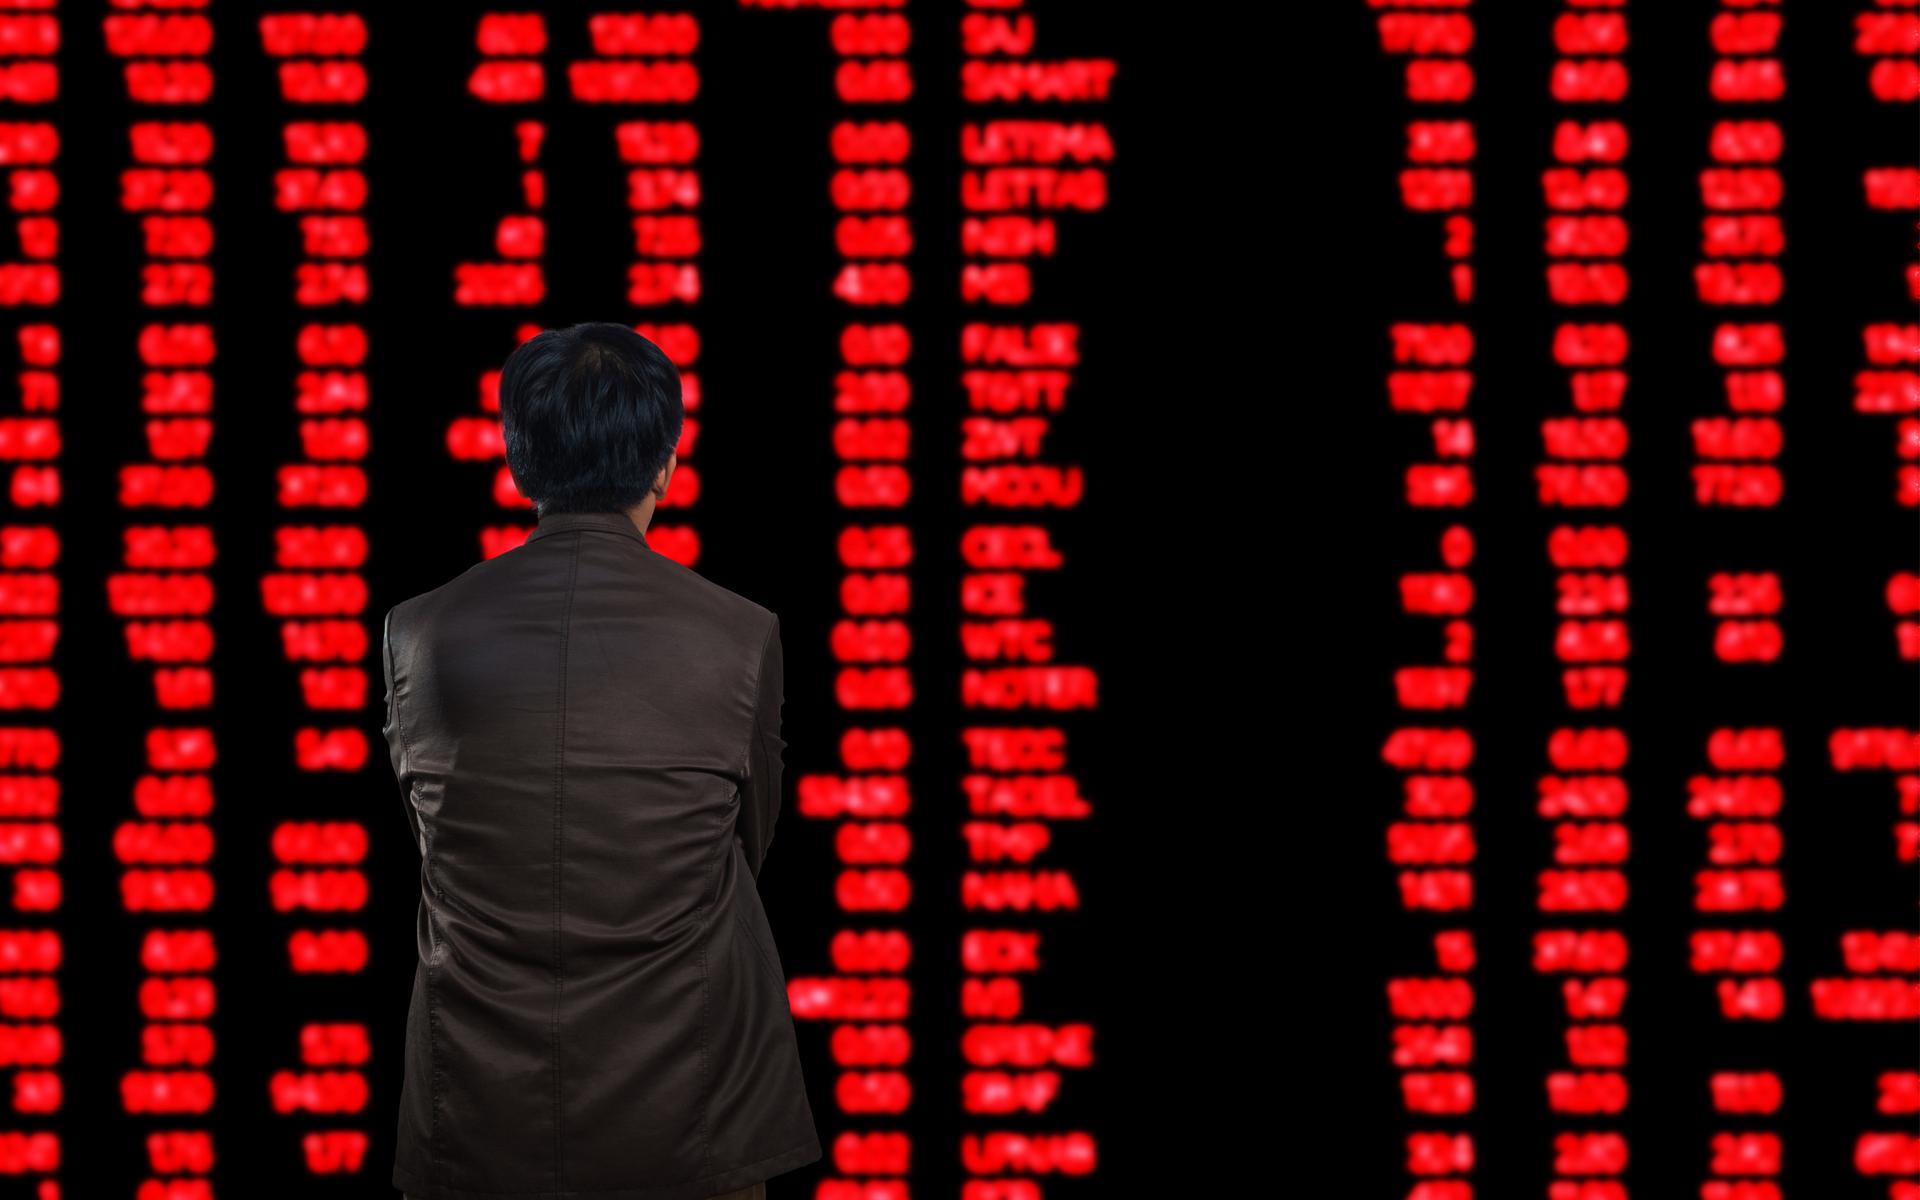 crypto bitcoin markets red